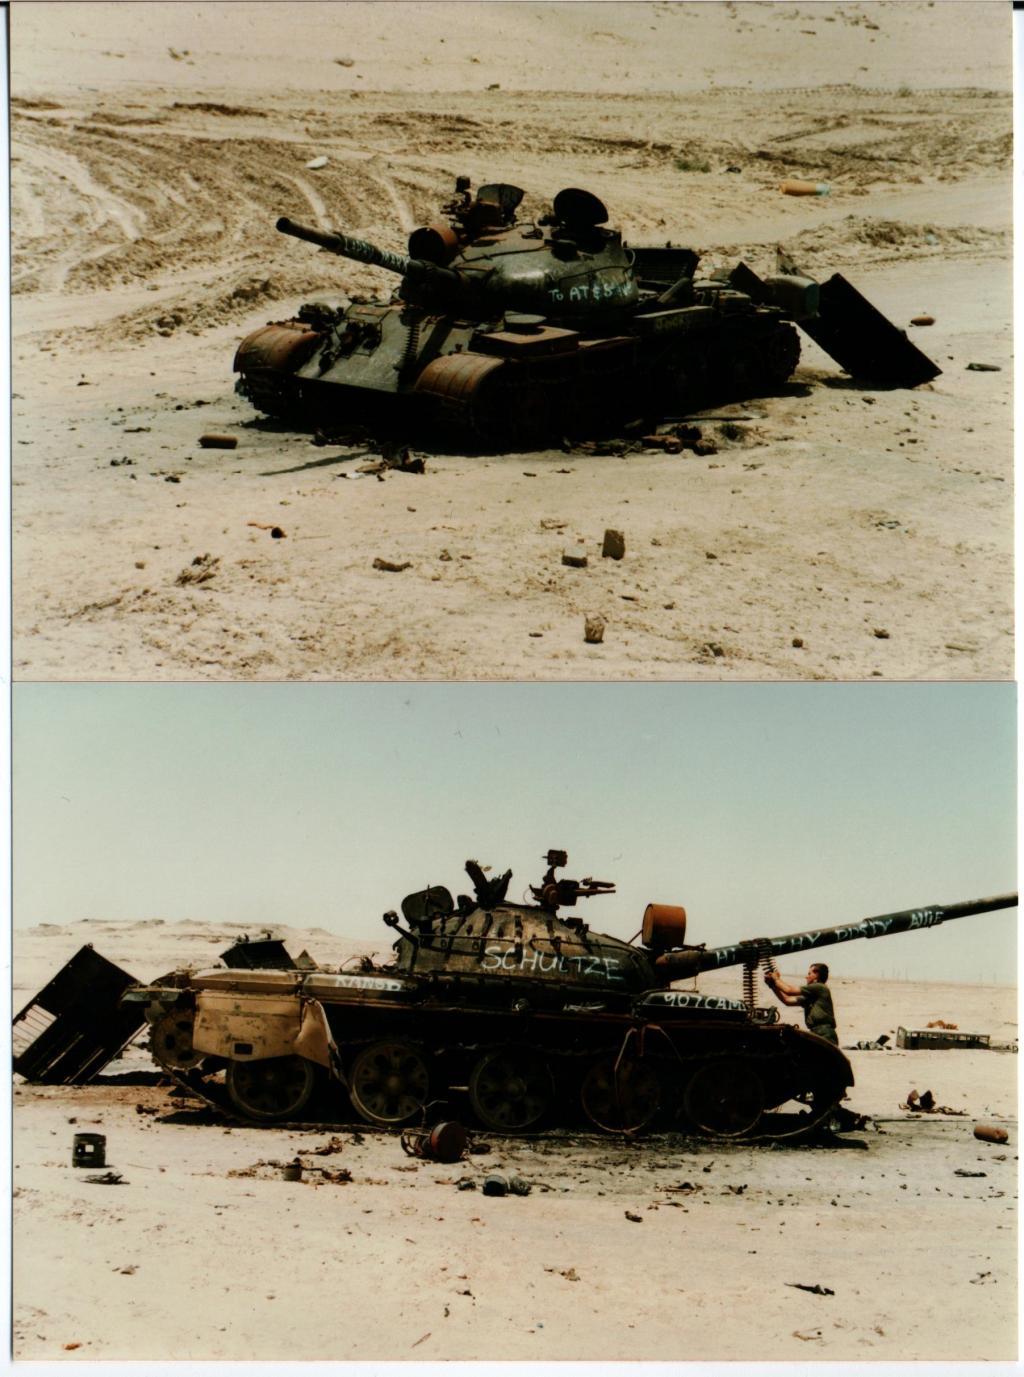 Banque d'image de la guerre du golfe Arm-e-91-002-419e769